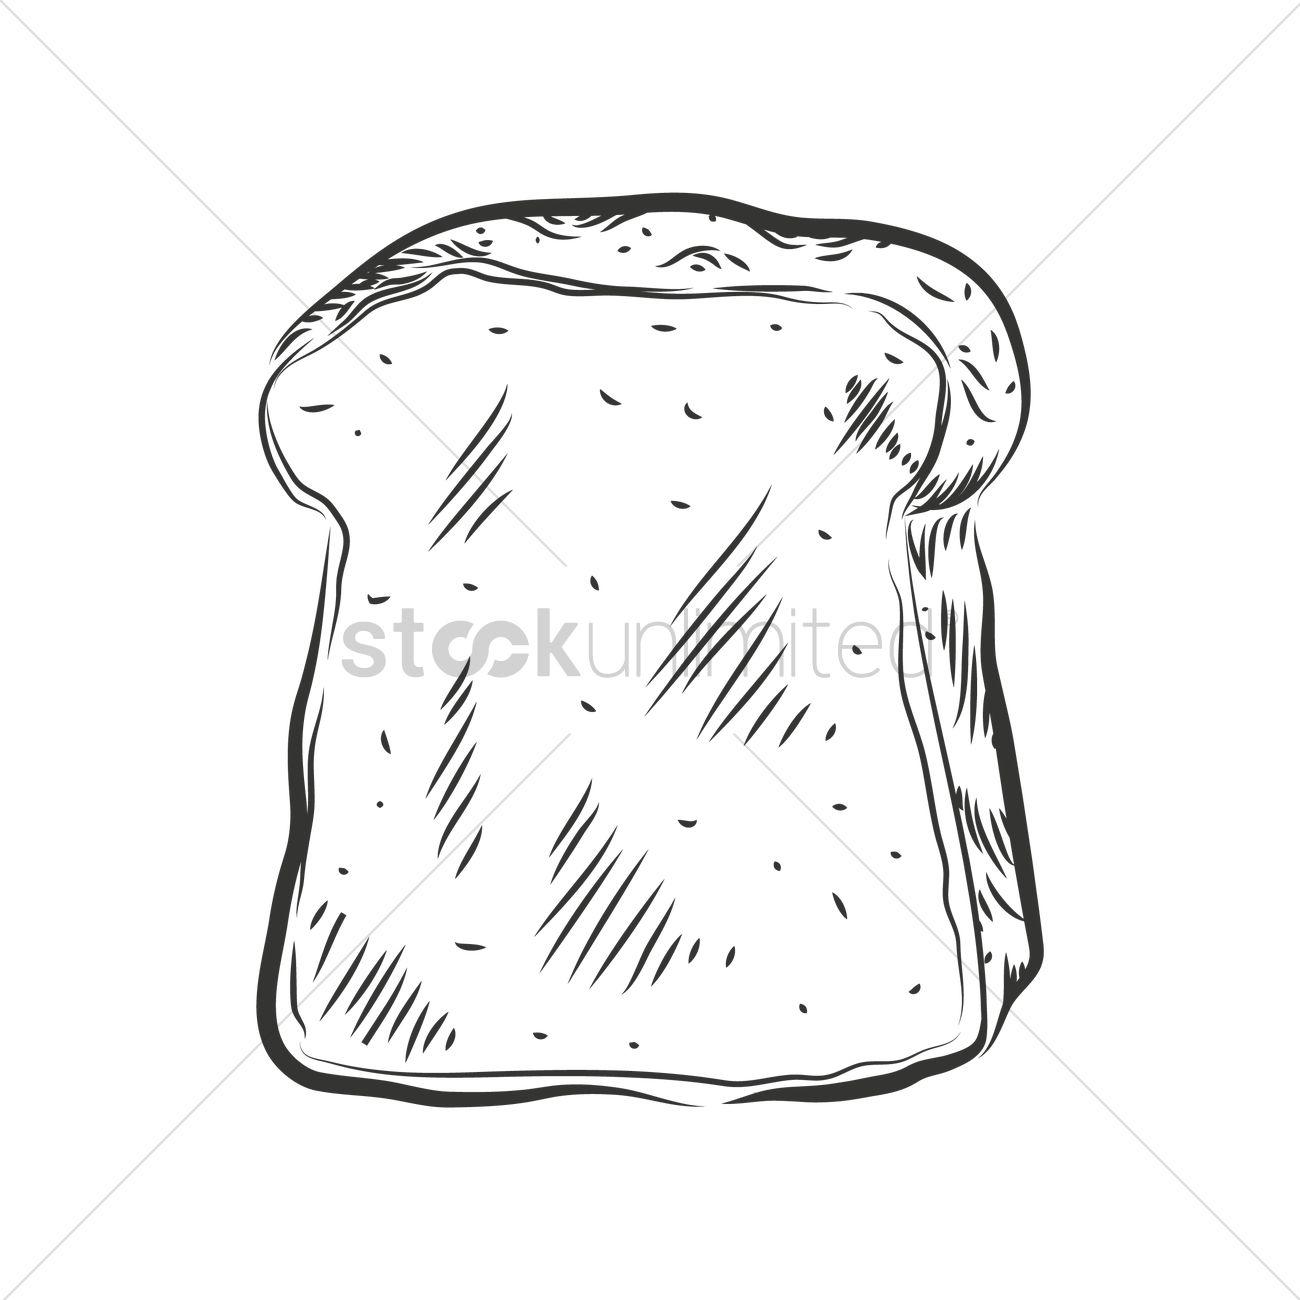 1300x1300 Bread Slice Vector Image